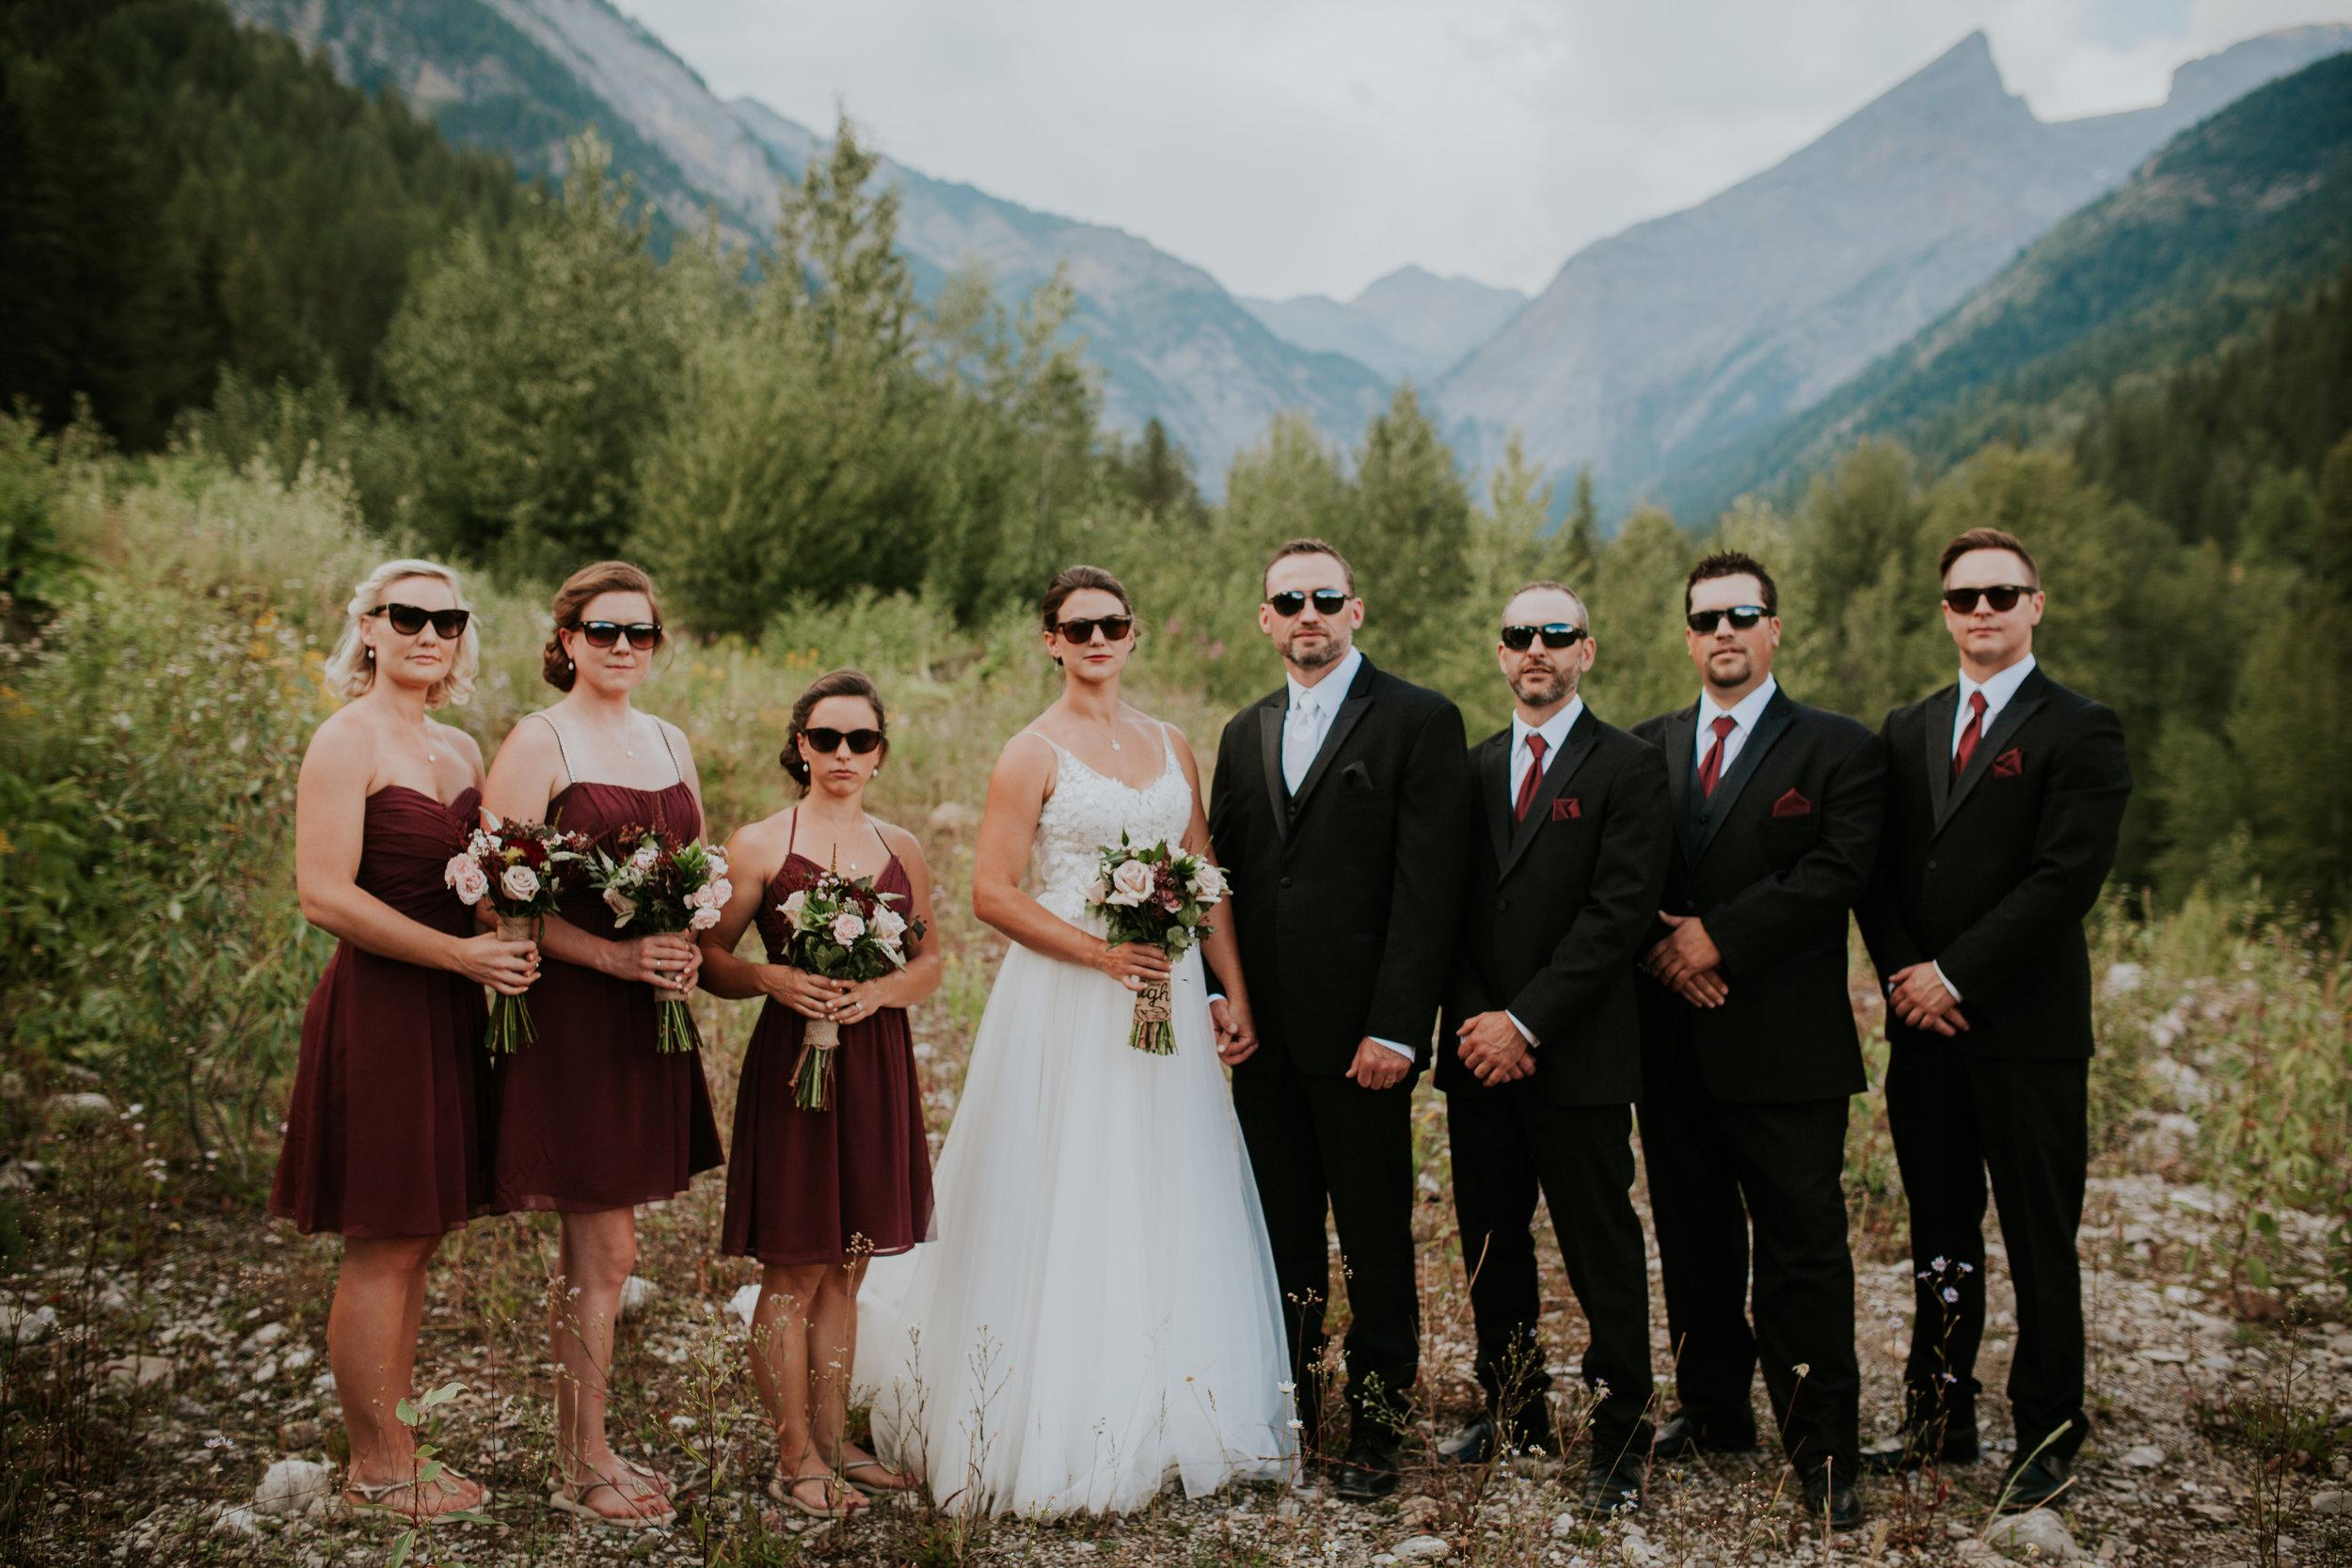 Sam + Jenna 4 - Bridal Portraits-8.jpg